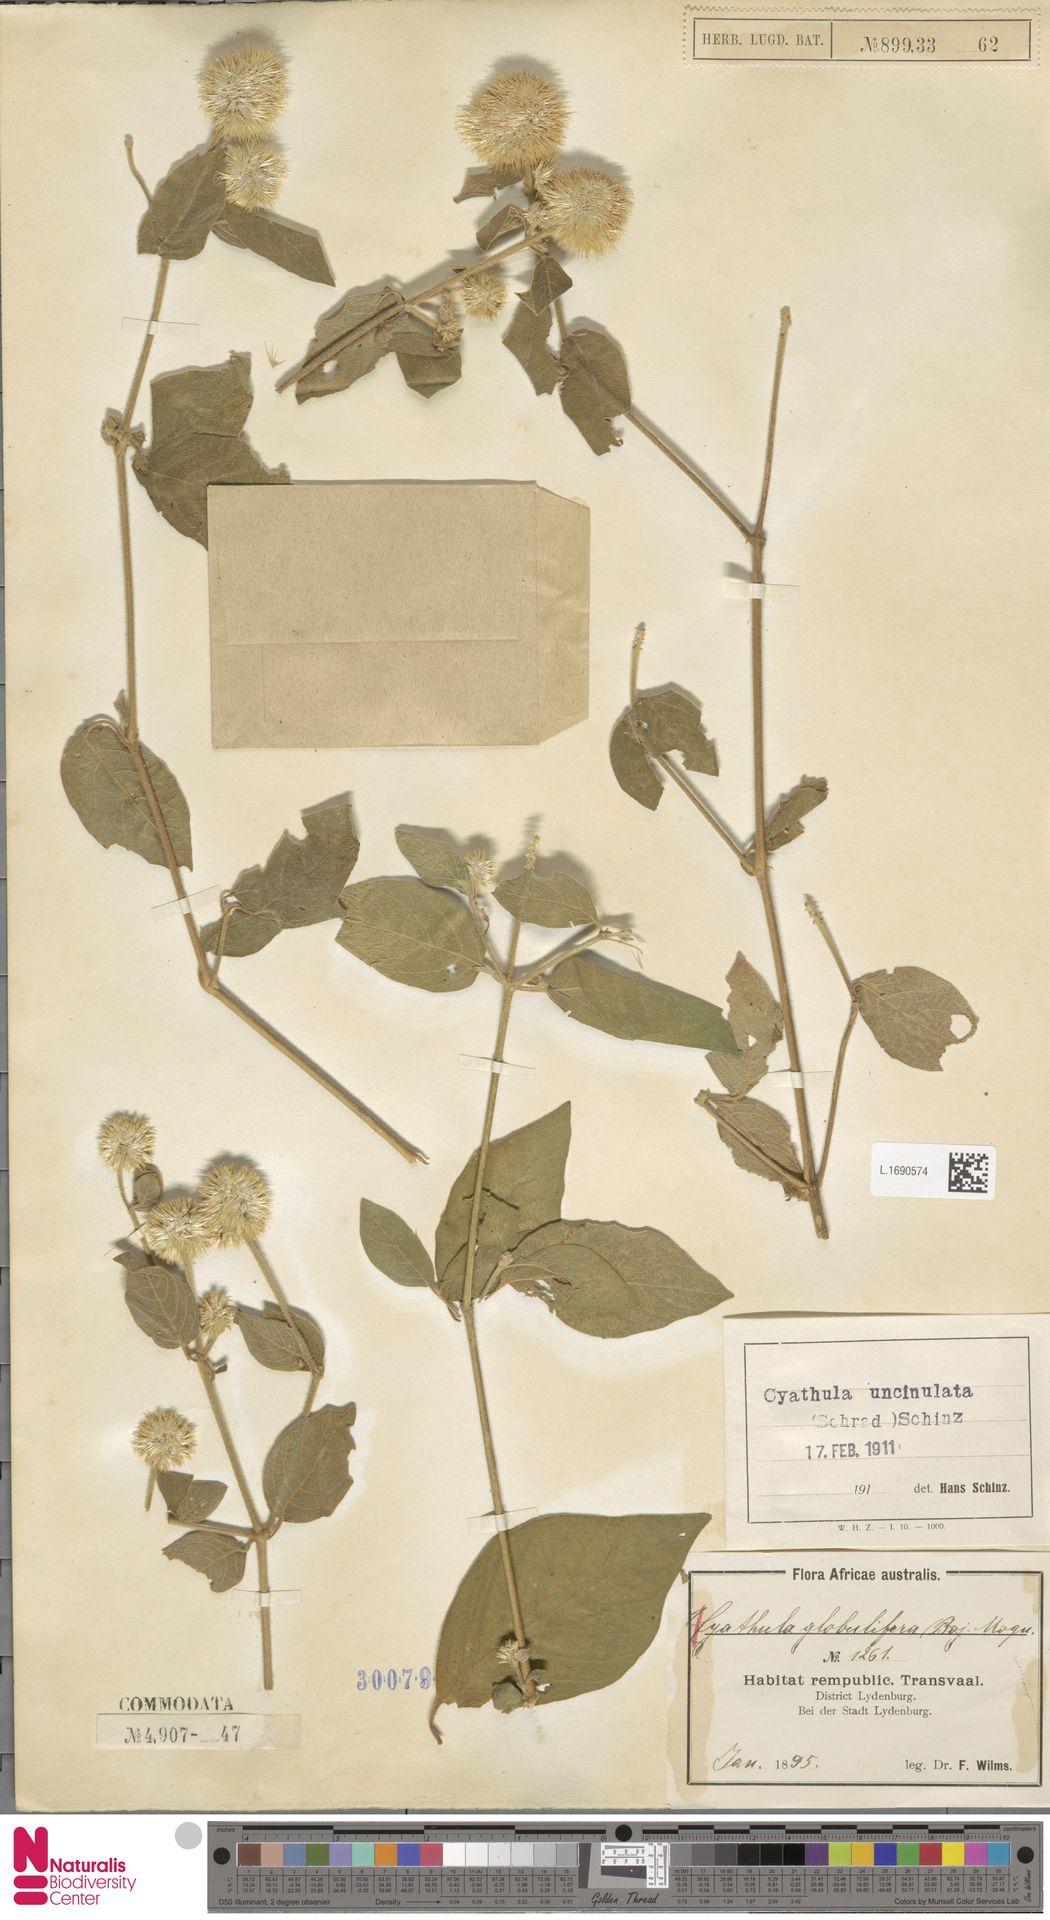 L.1690574 | Cyathula uncinulata (Schrad.) Schinz